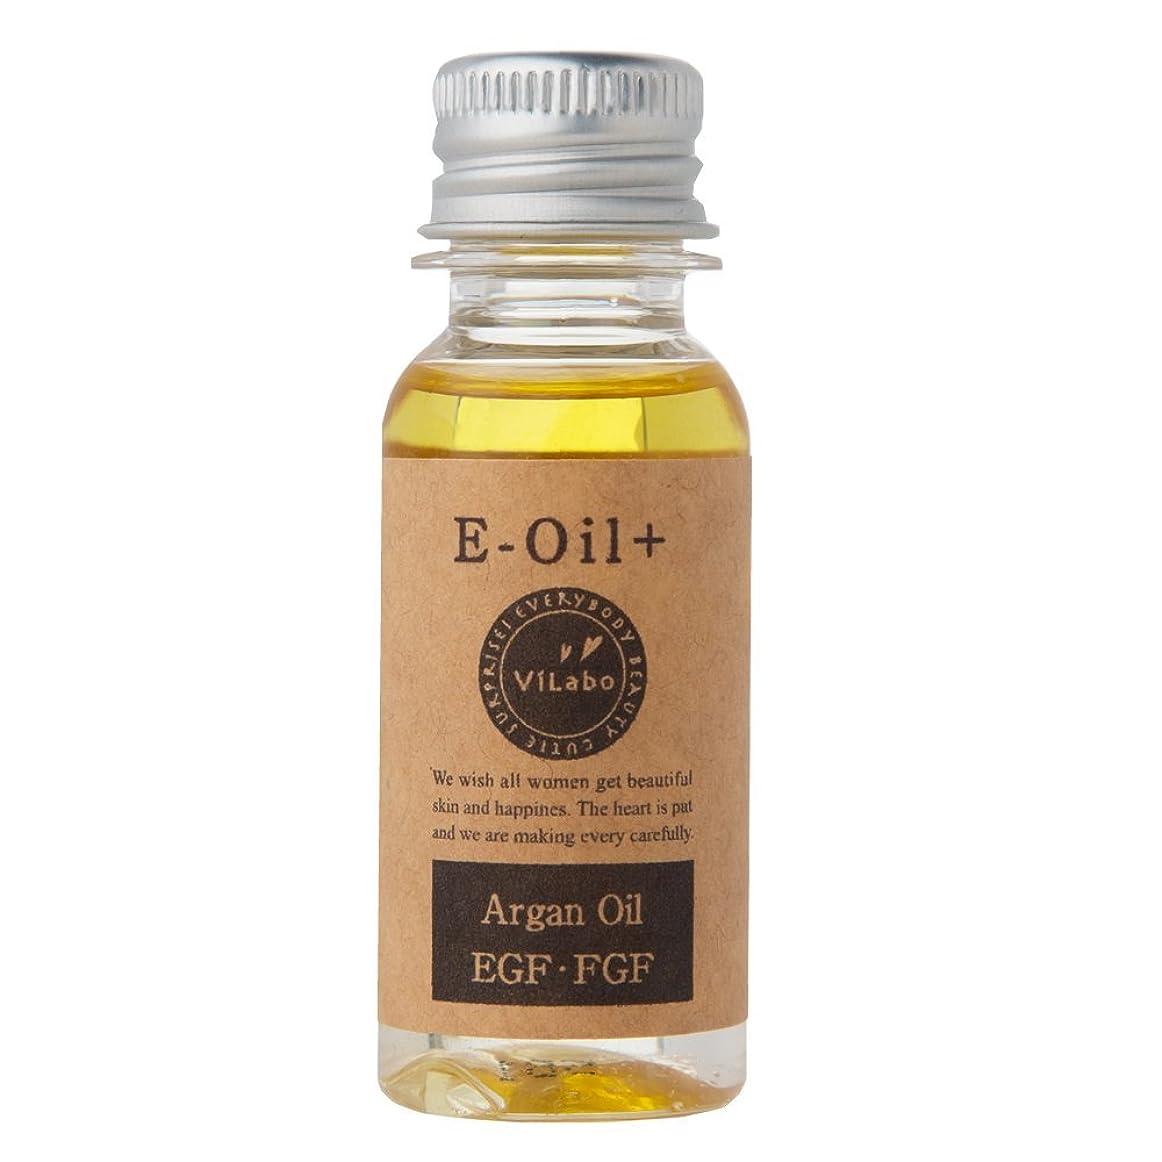 オーガニックアルガン+EGF?FGF原液30ml/E-Oil+(イーオイルプラス)AR/ オーガニック アルガンオイル 100%